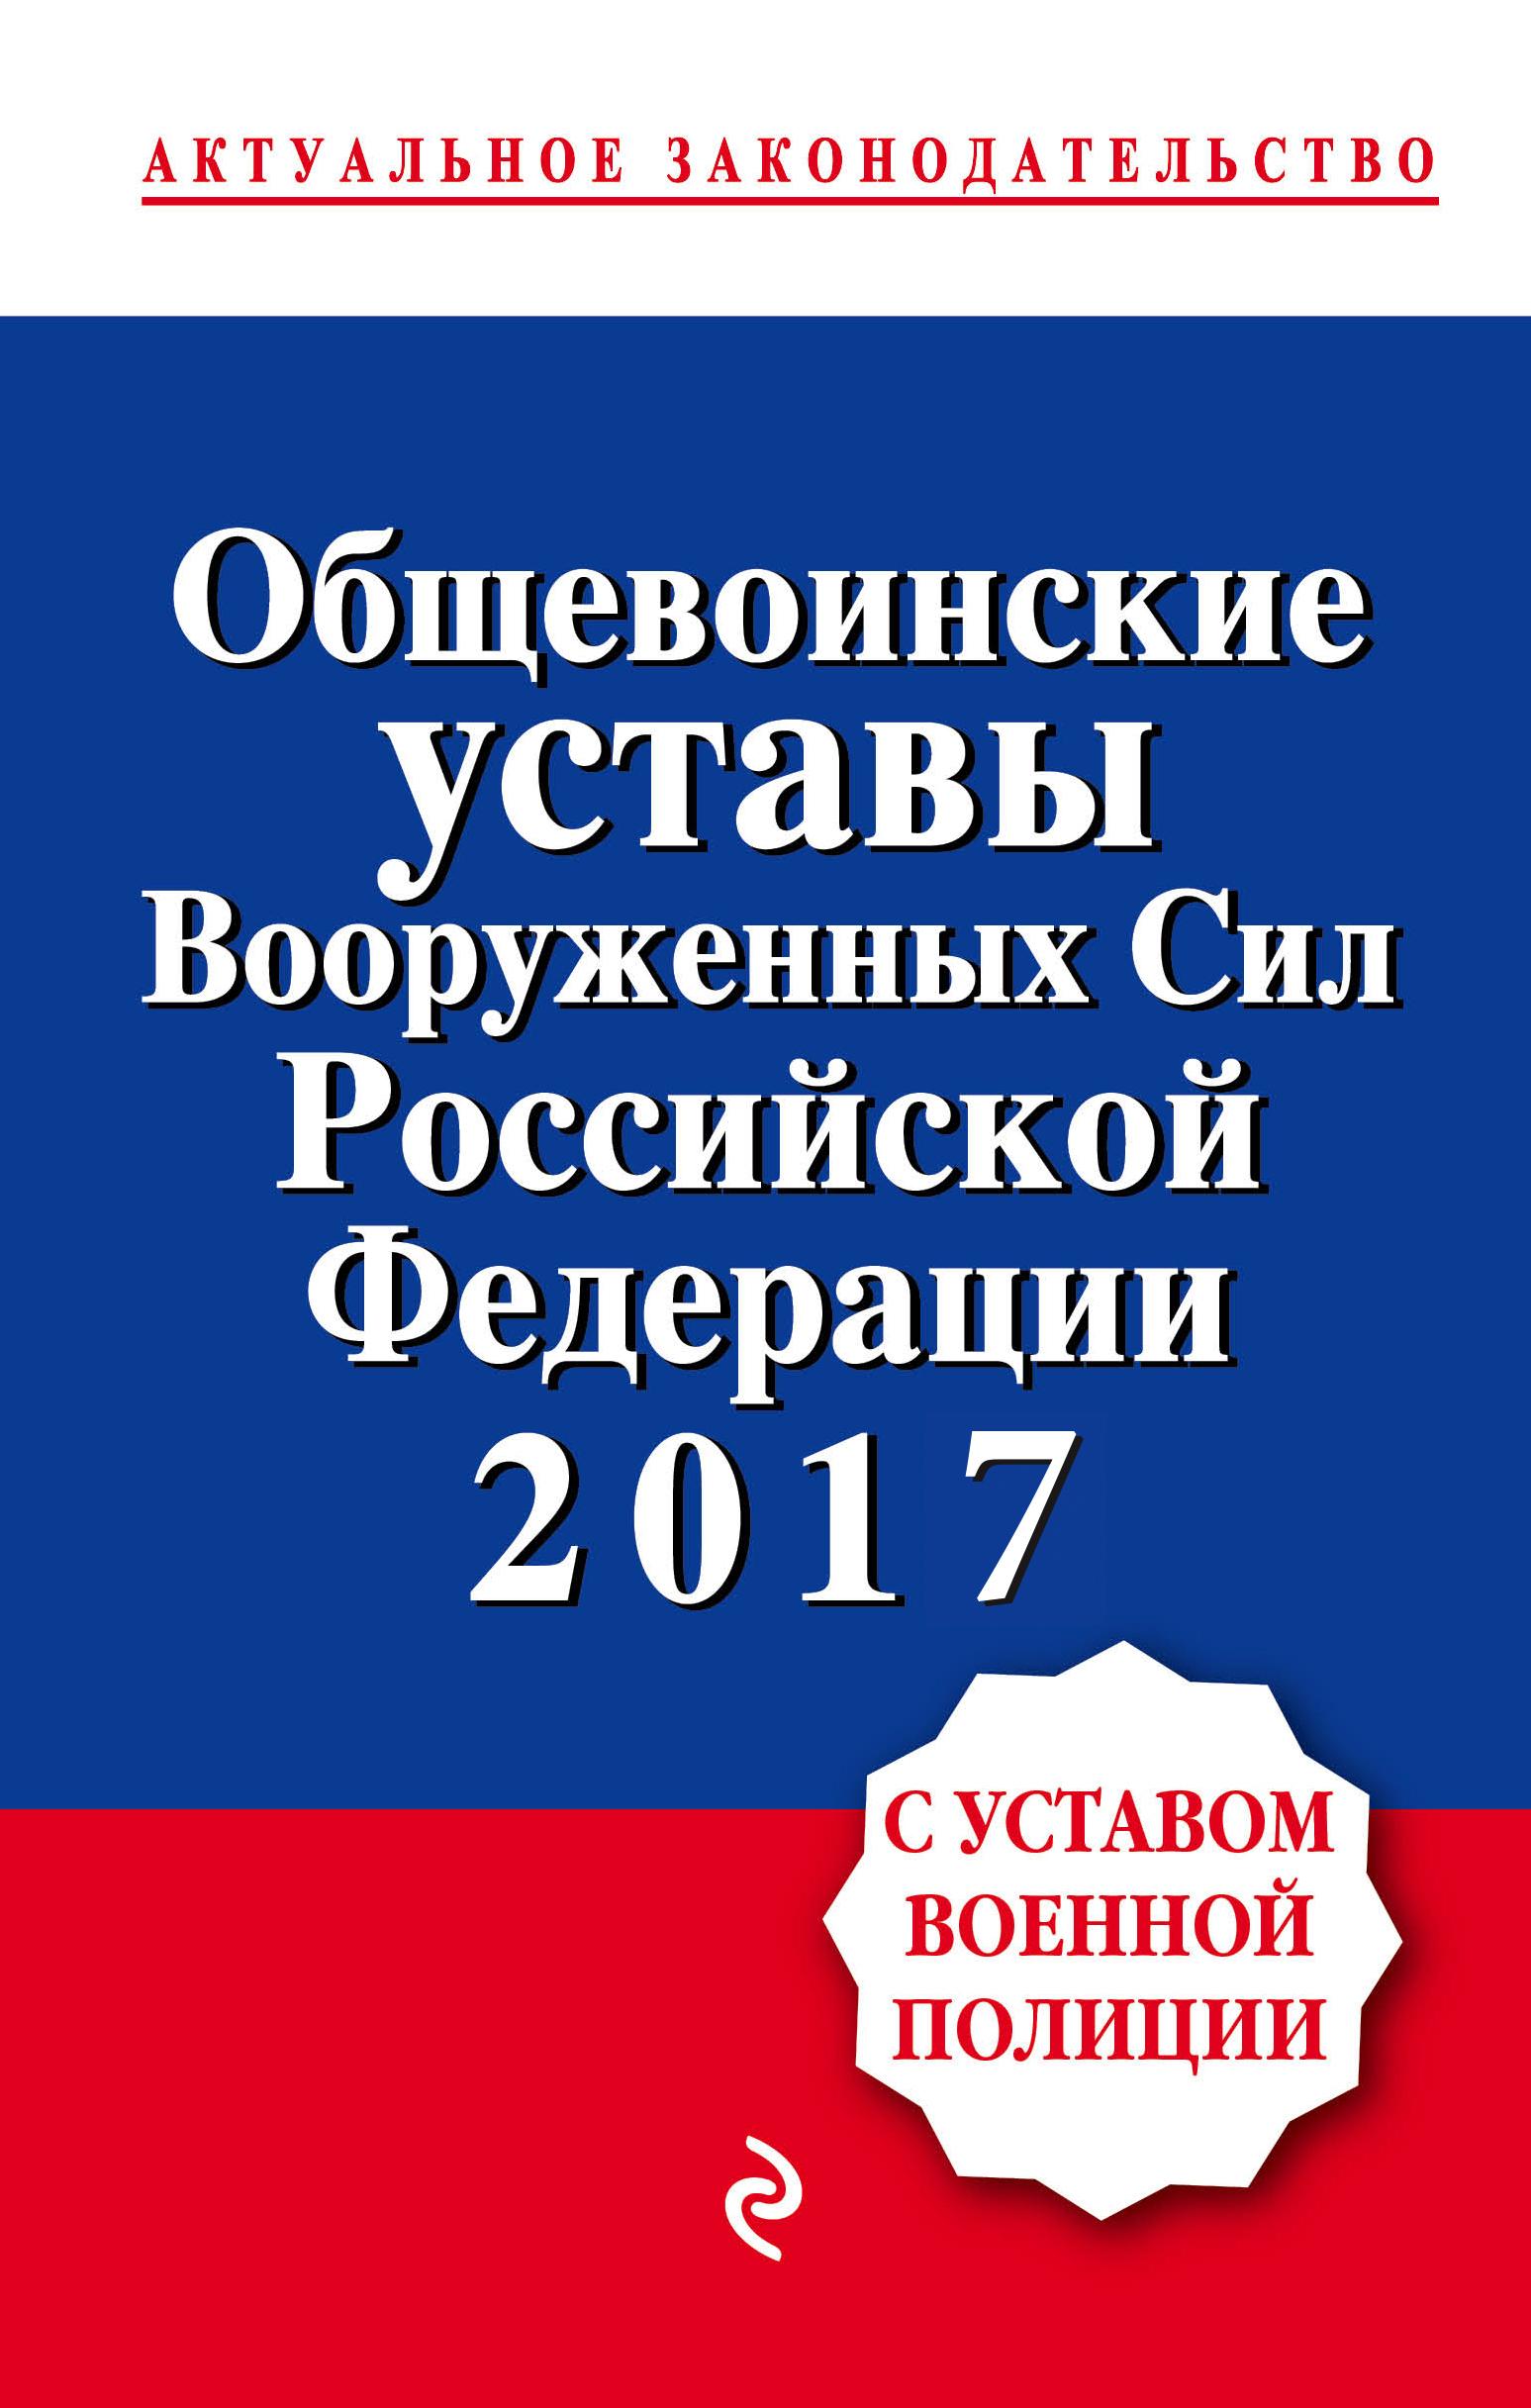 9785699952489 - Общевоинские уставы Вооруженных сил Российской Федерации по состоянию на 2017 с Уставом военной полиции - Книга